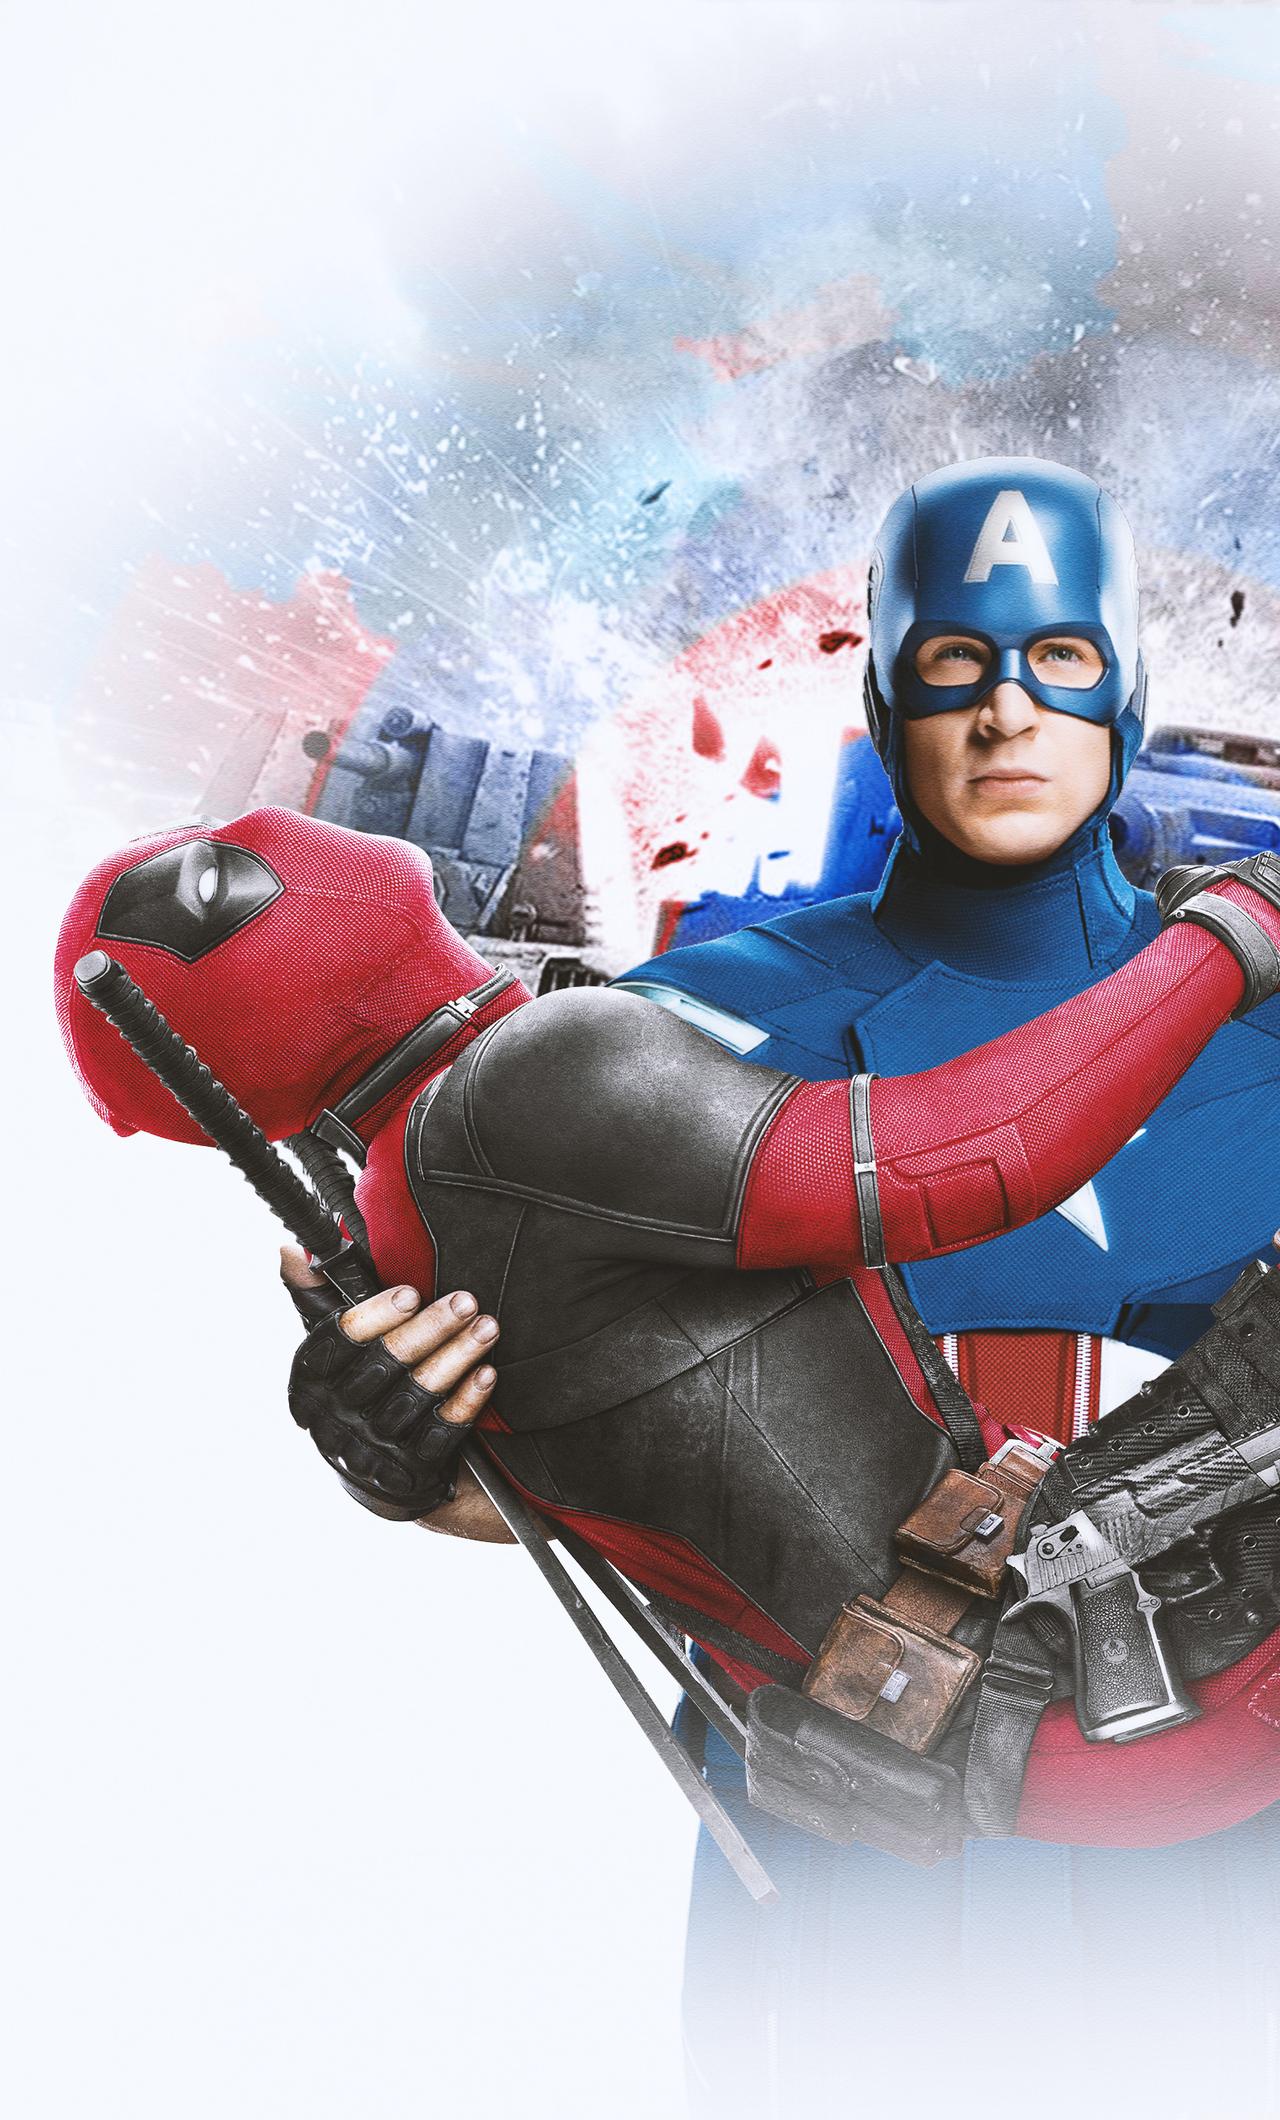 captain-america-holding-deadpool-br.jpg